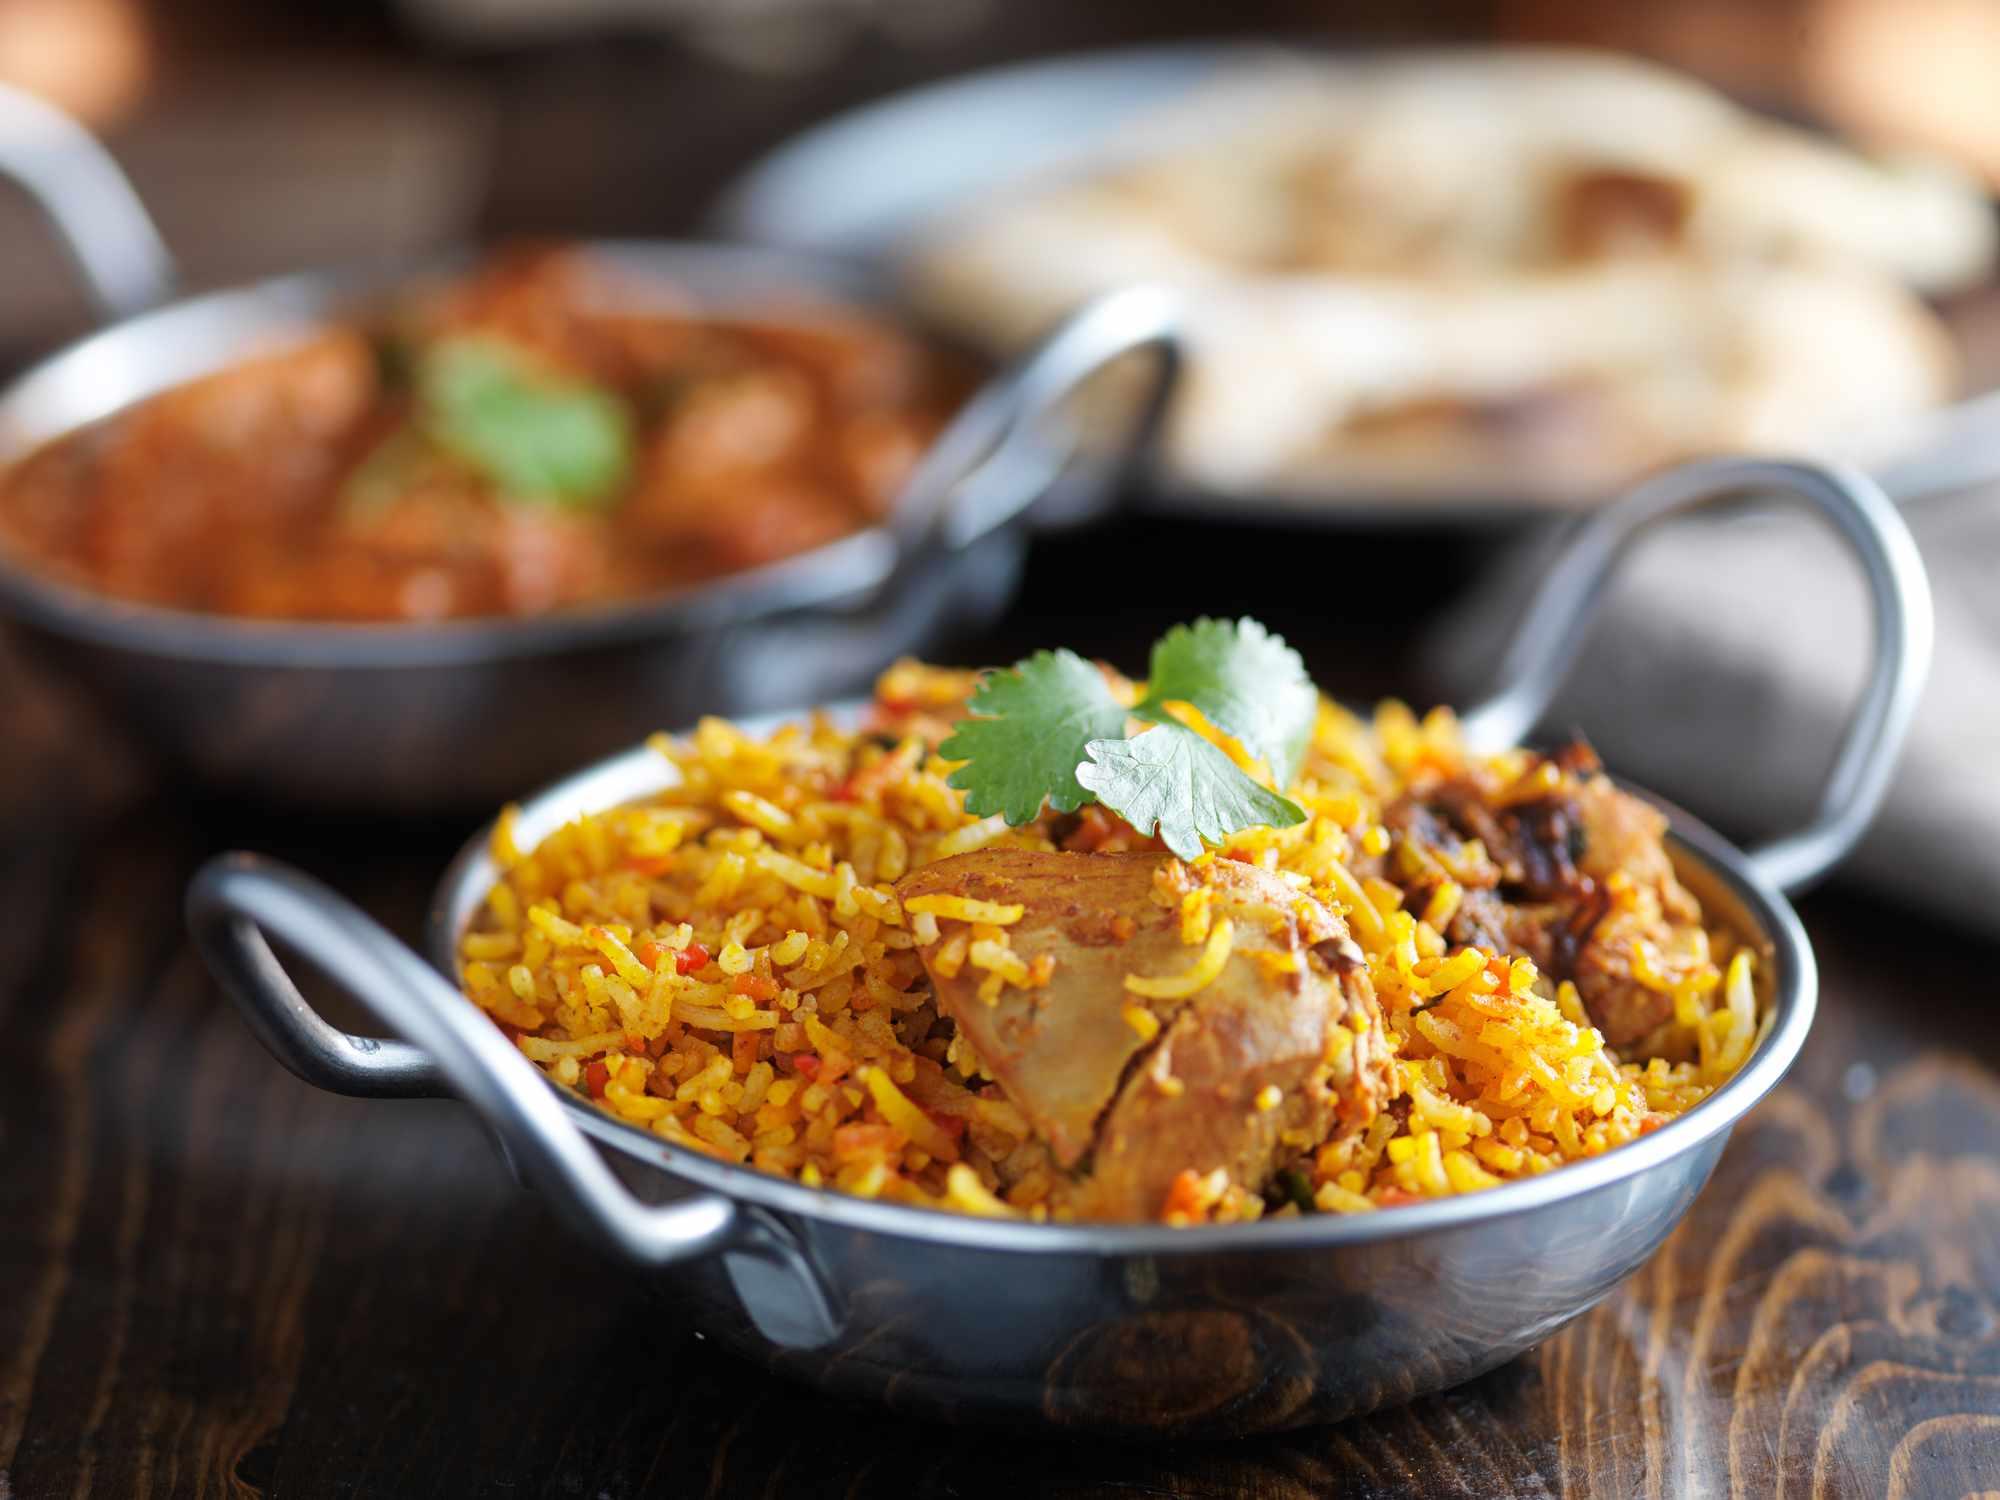 balti dish with indian chicken biryani